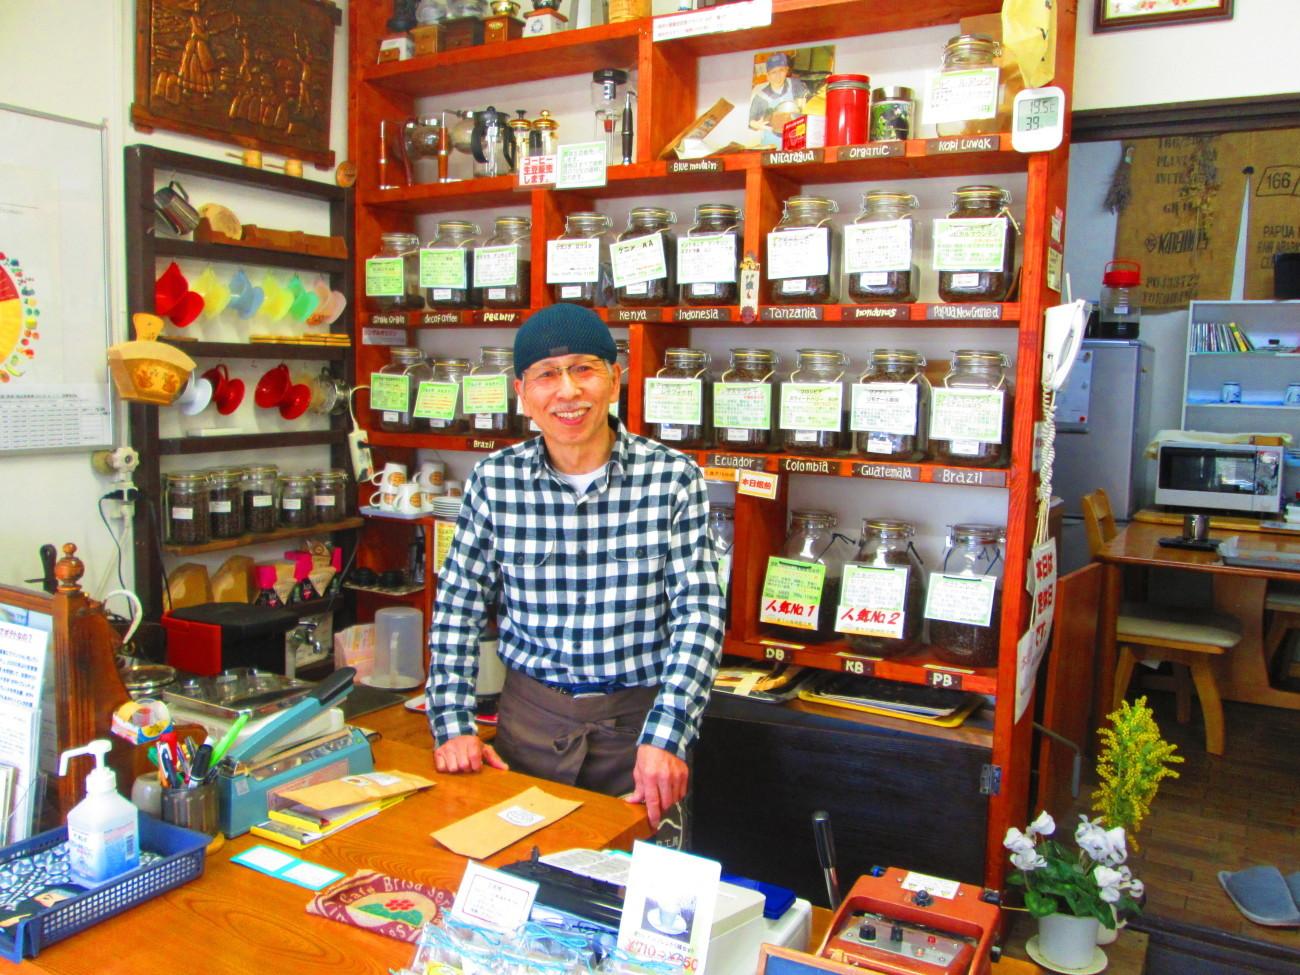 昨日は、コーヒー豆を買いに、「蔵王の森焙煎工房 旅籠町店」に行ってきました_d0159273_05004092.jpg